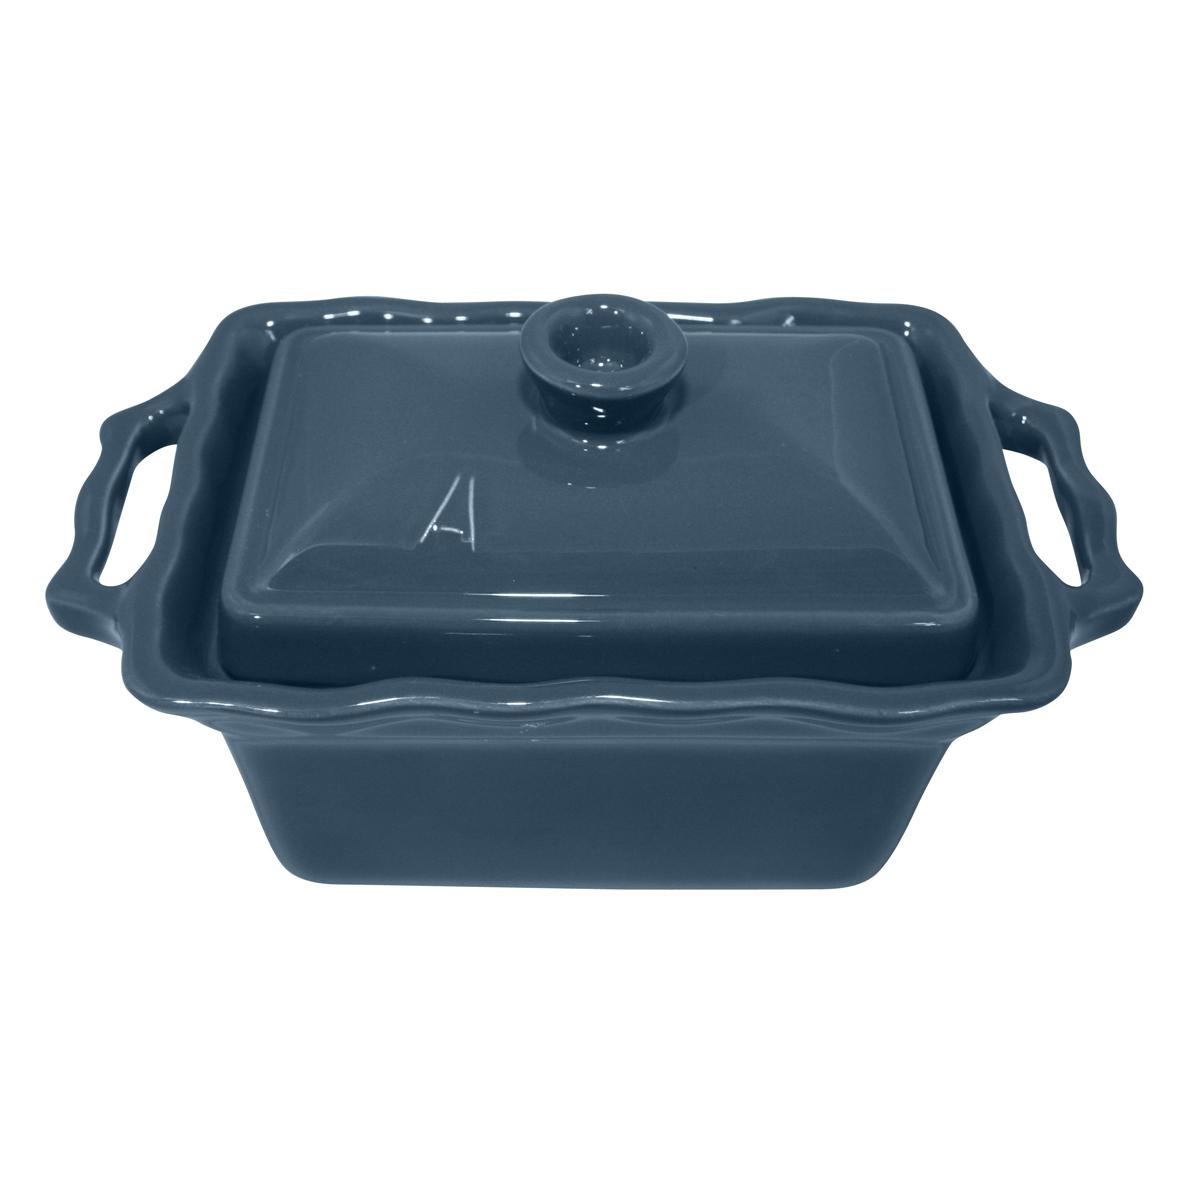 Eurodib USA 115070008 casserole dish, china